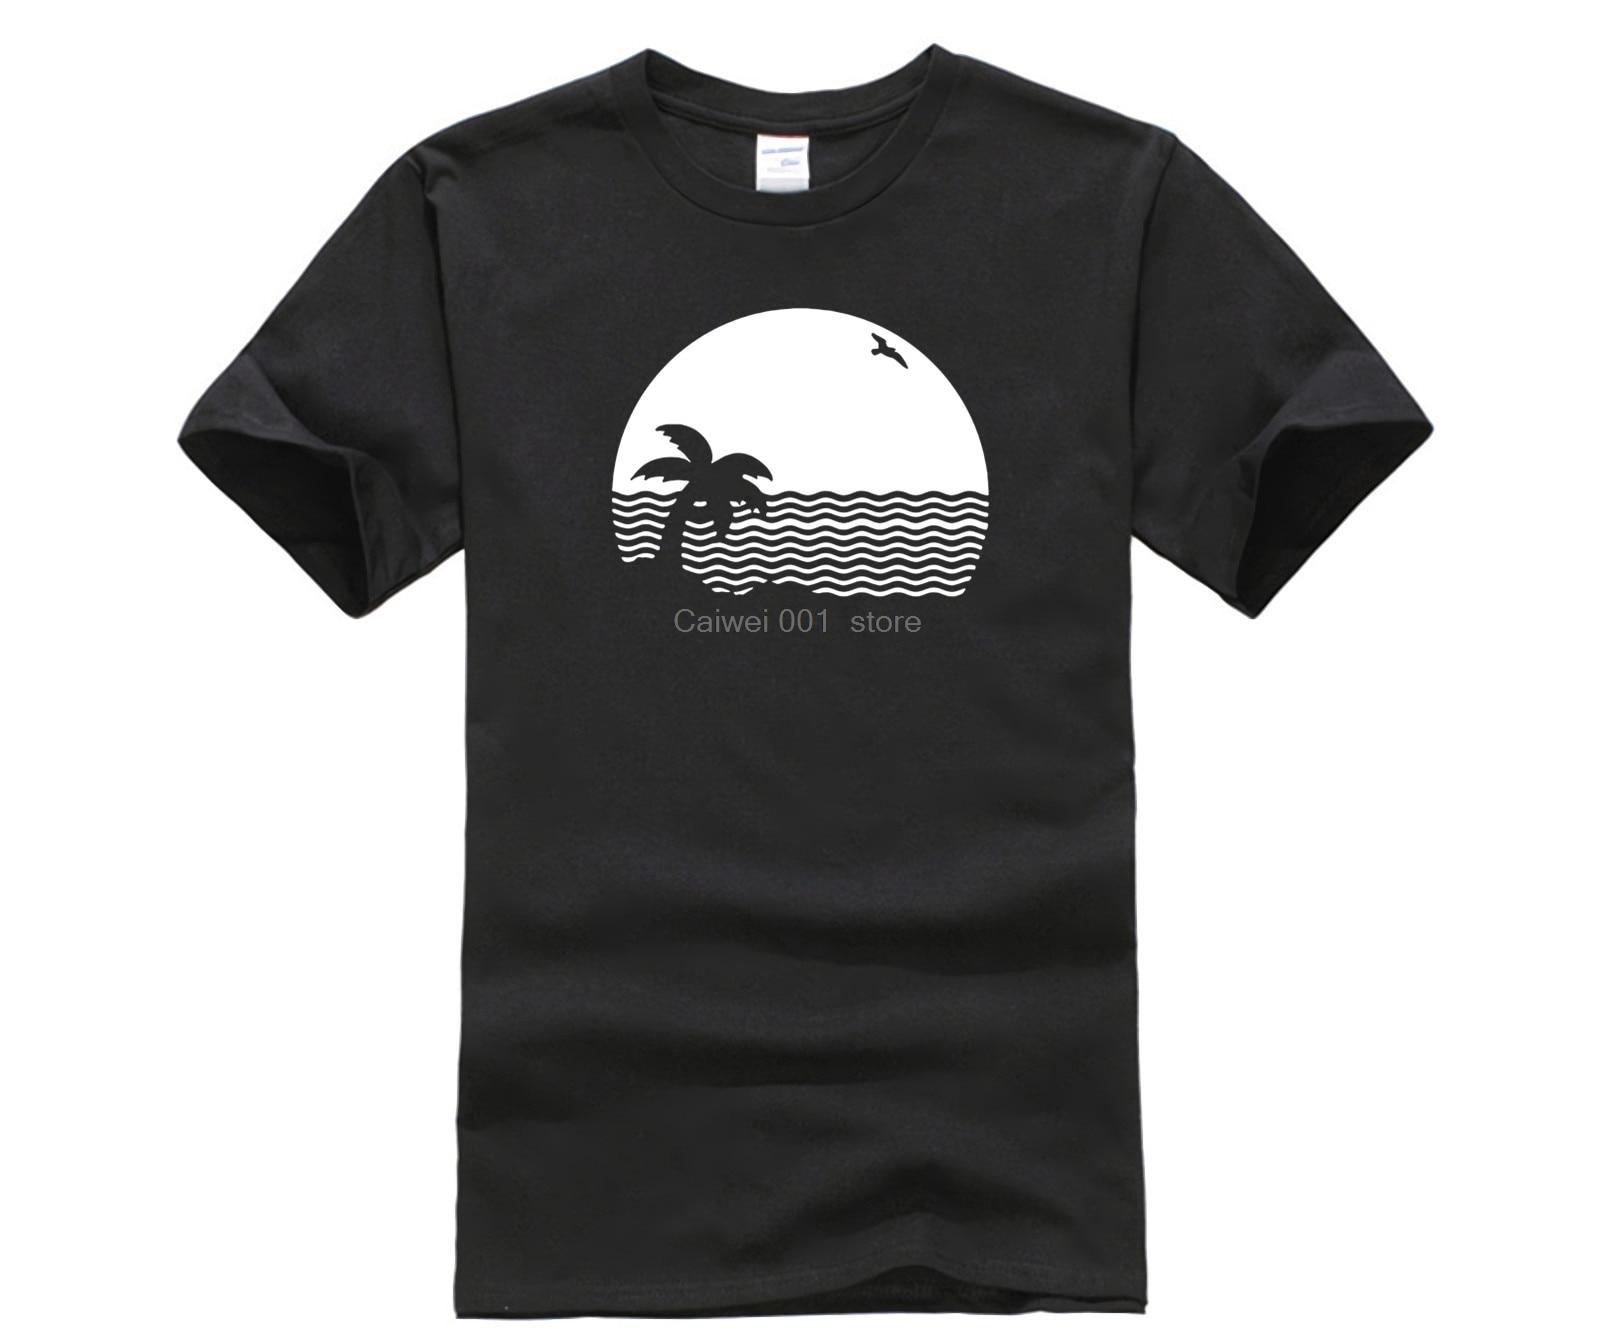 Camiseta guay para hombre YUAYXEA, regalo divertido para hombre, camiseta de manga corta con estampado barrido para hombres, camiseta de manga corta